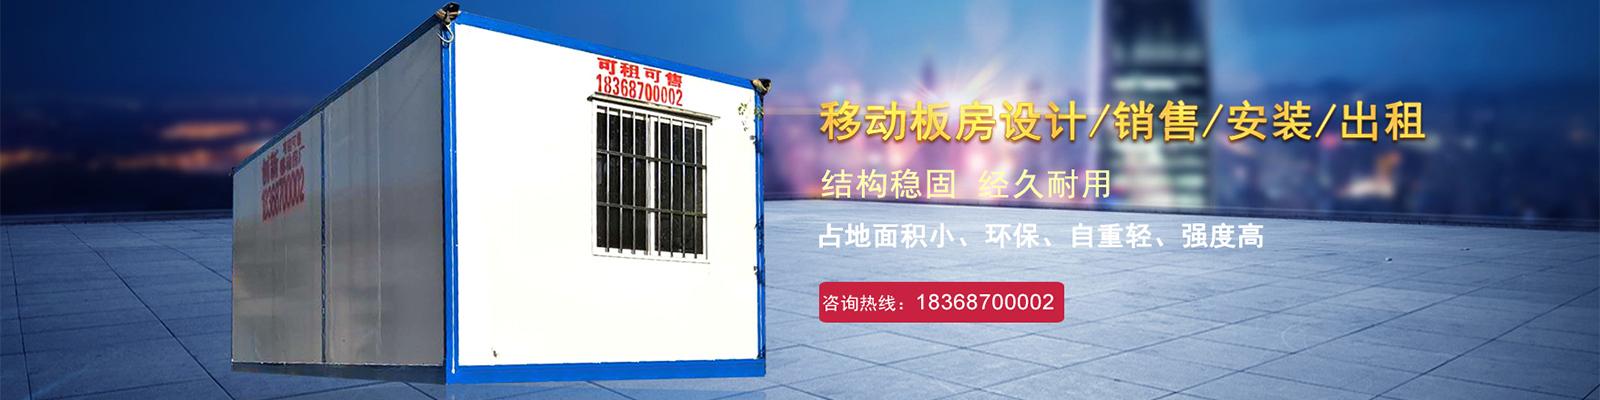 温州万佳钢结构有限公司